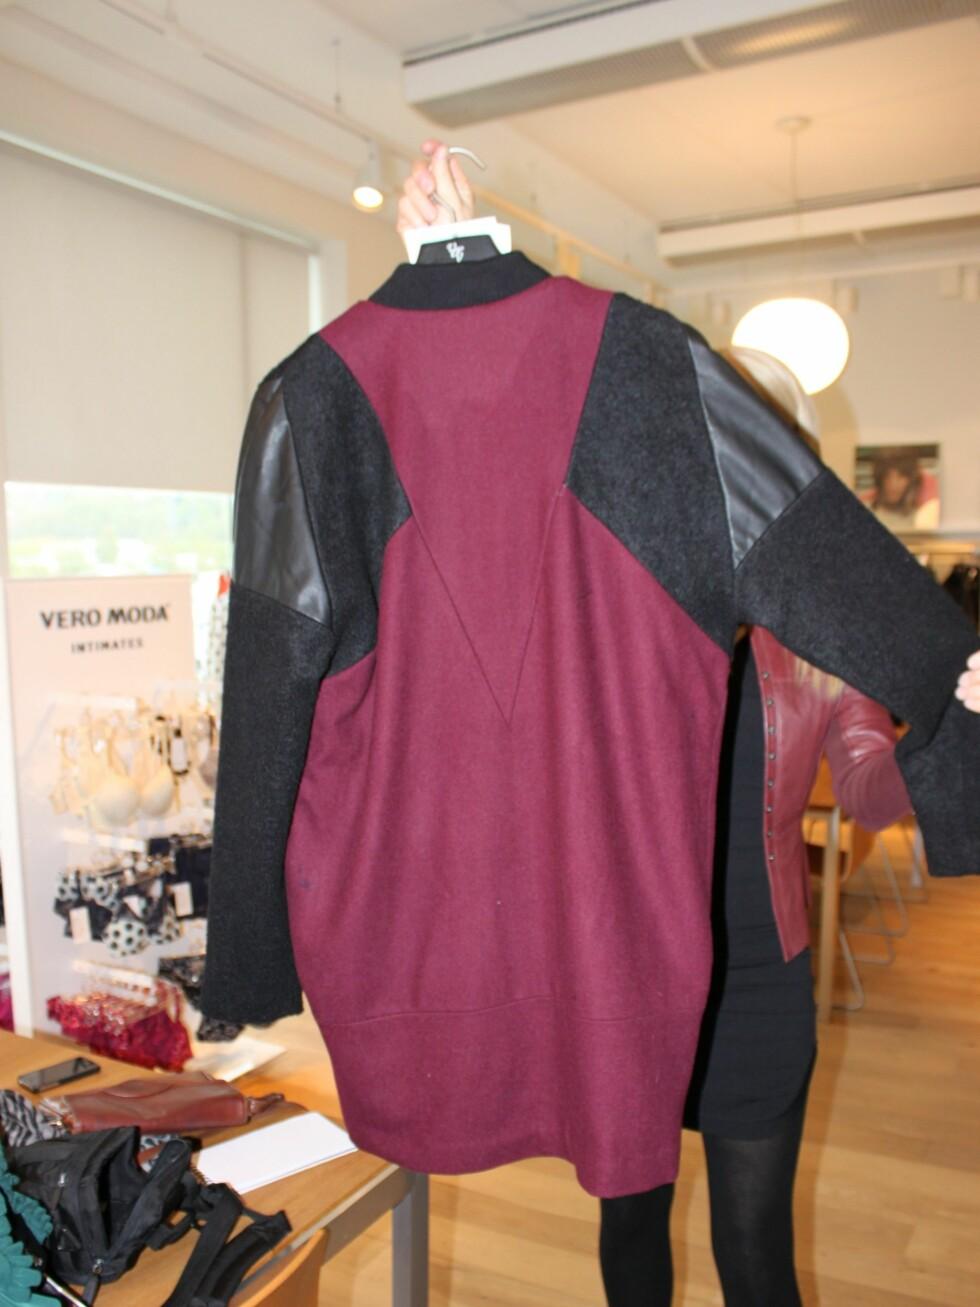 Vindrødt, materialmiks og skinndetaljer i en skreddersydd jakke – en av høstens heteste trender.  Foto: Tone Ruud Engen